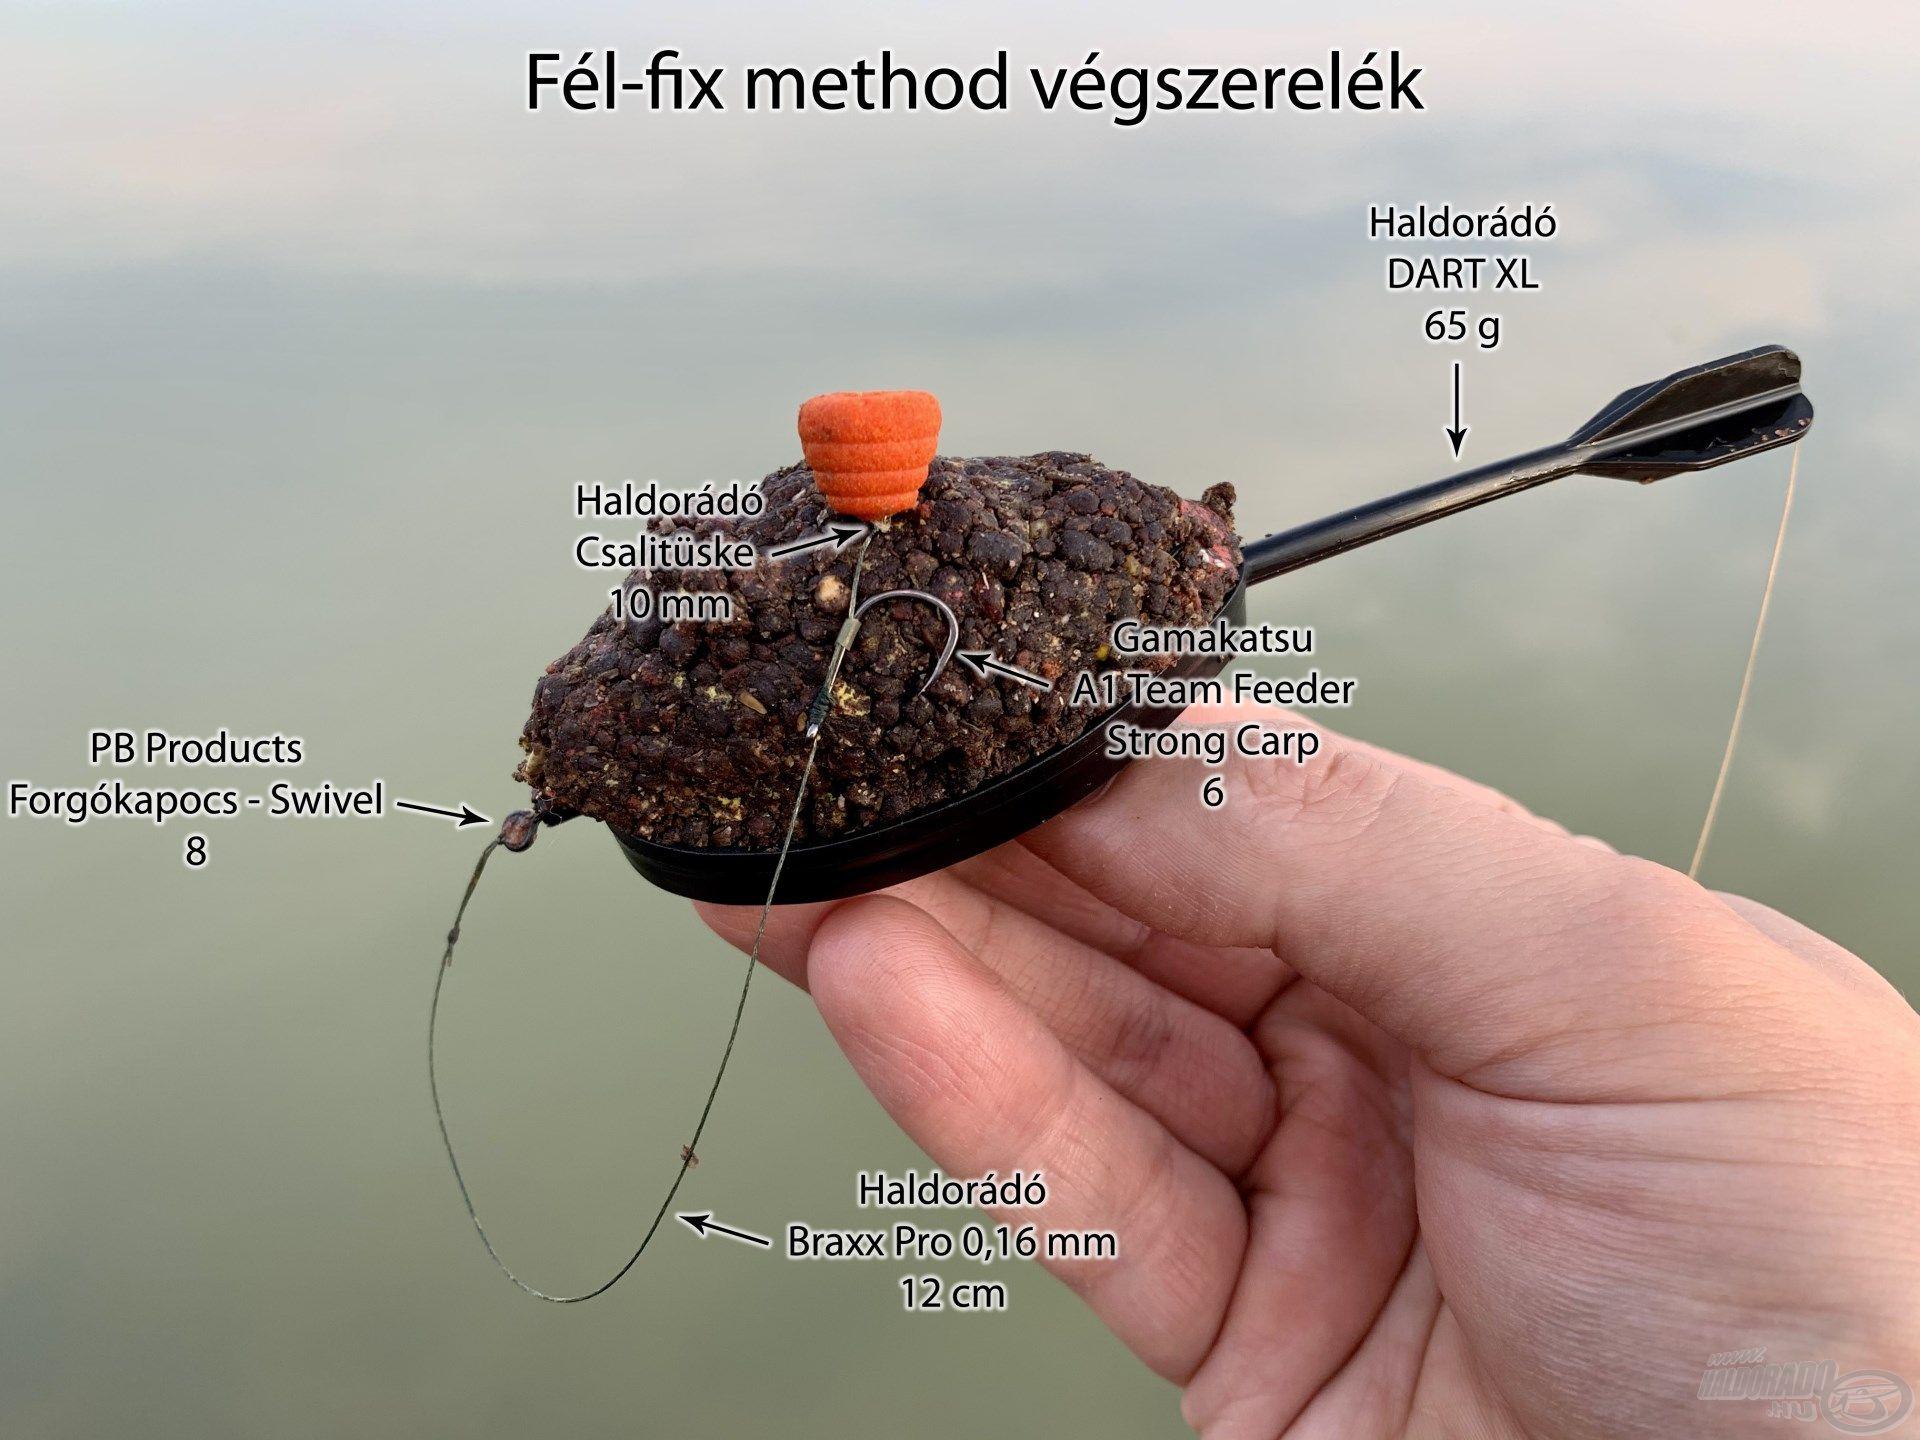 Kedvenc fél-fix method végszerelékem, amivel könnyedén tudtam nagy távolságba horgászni